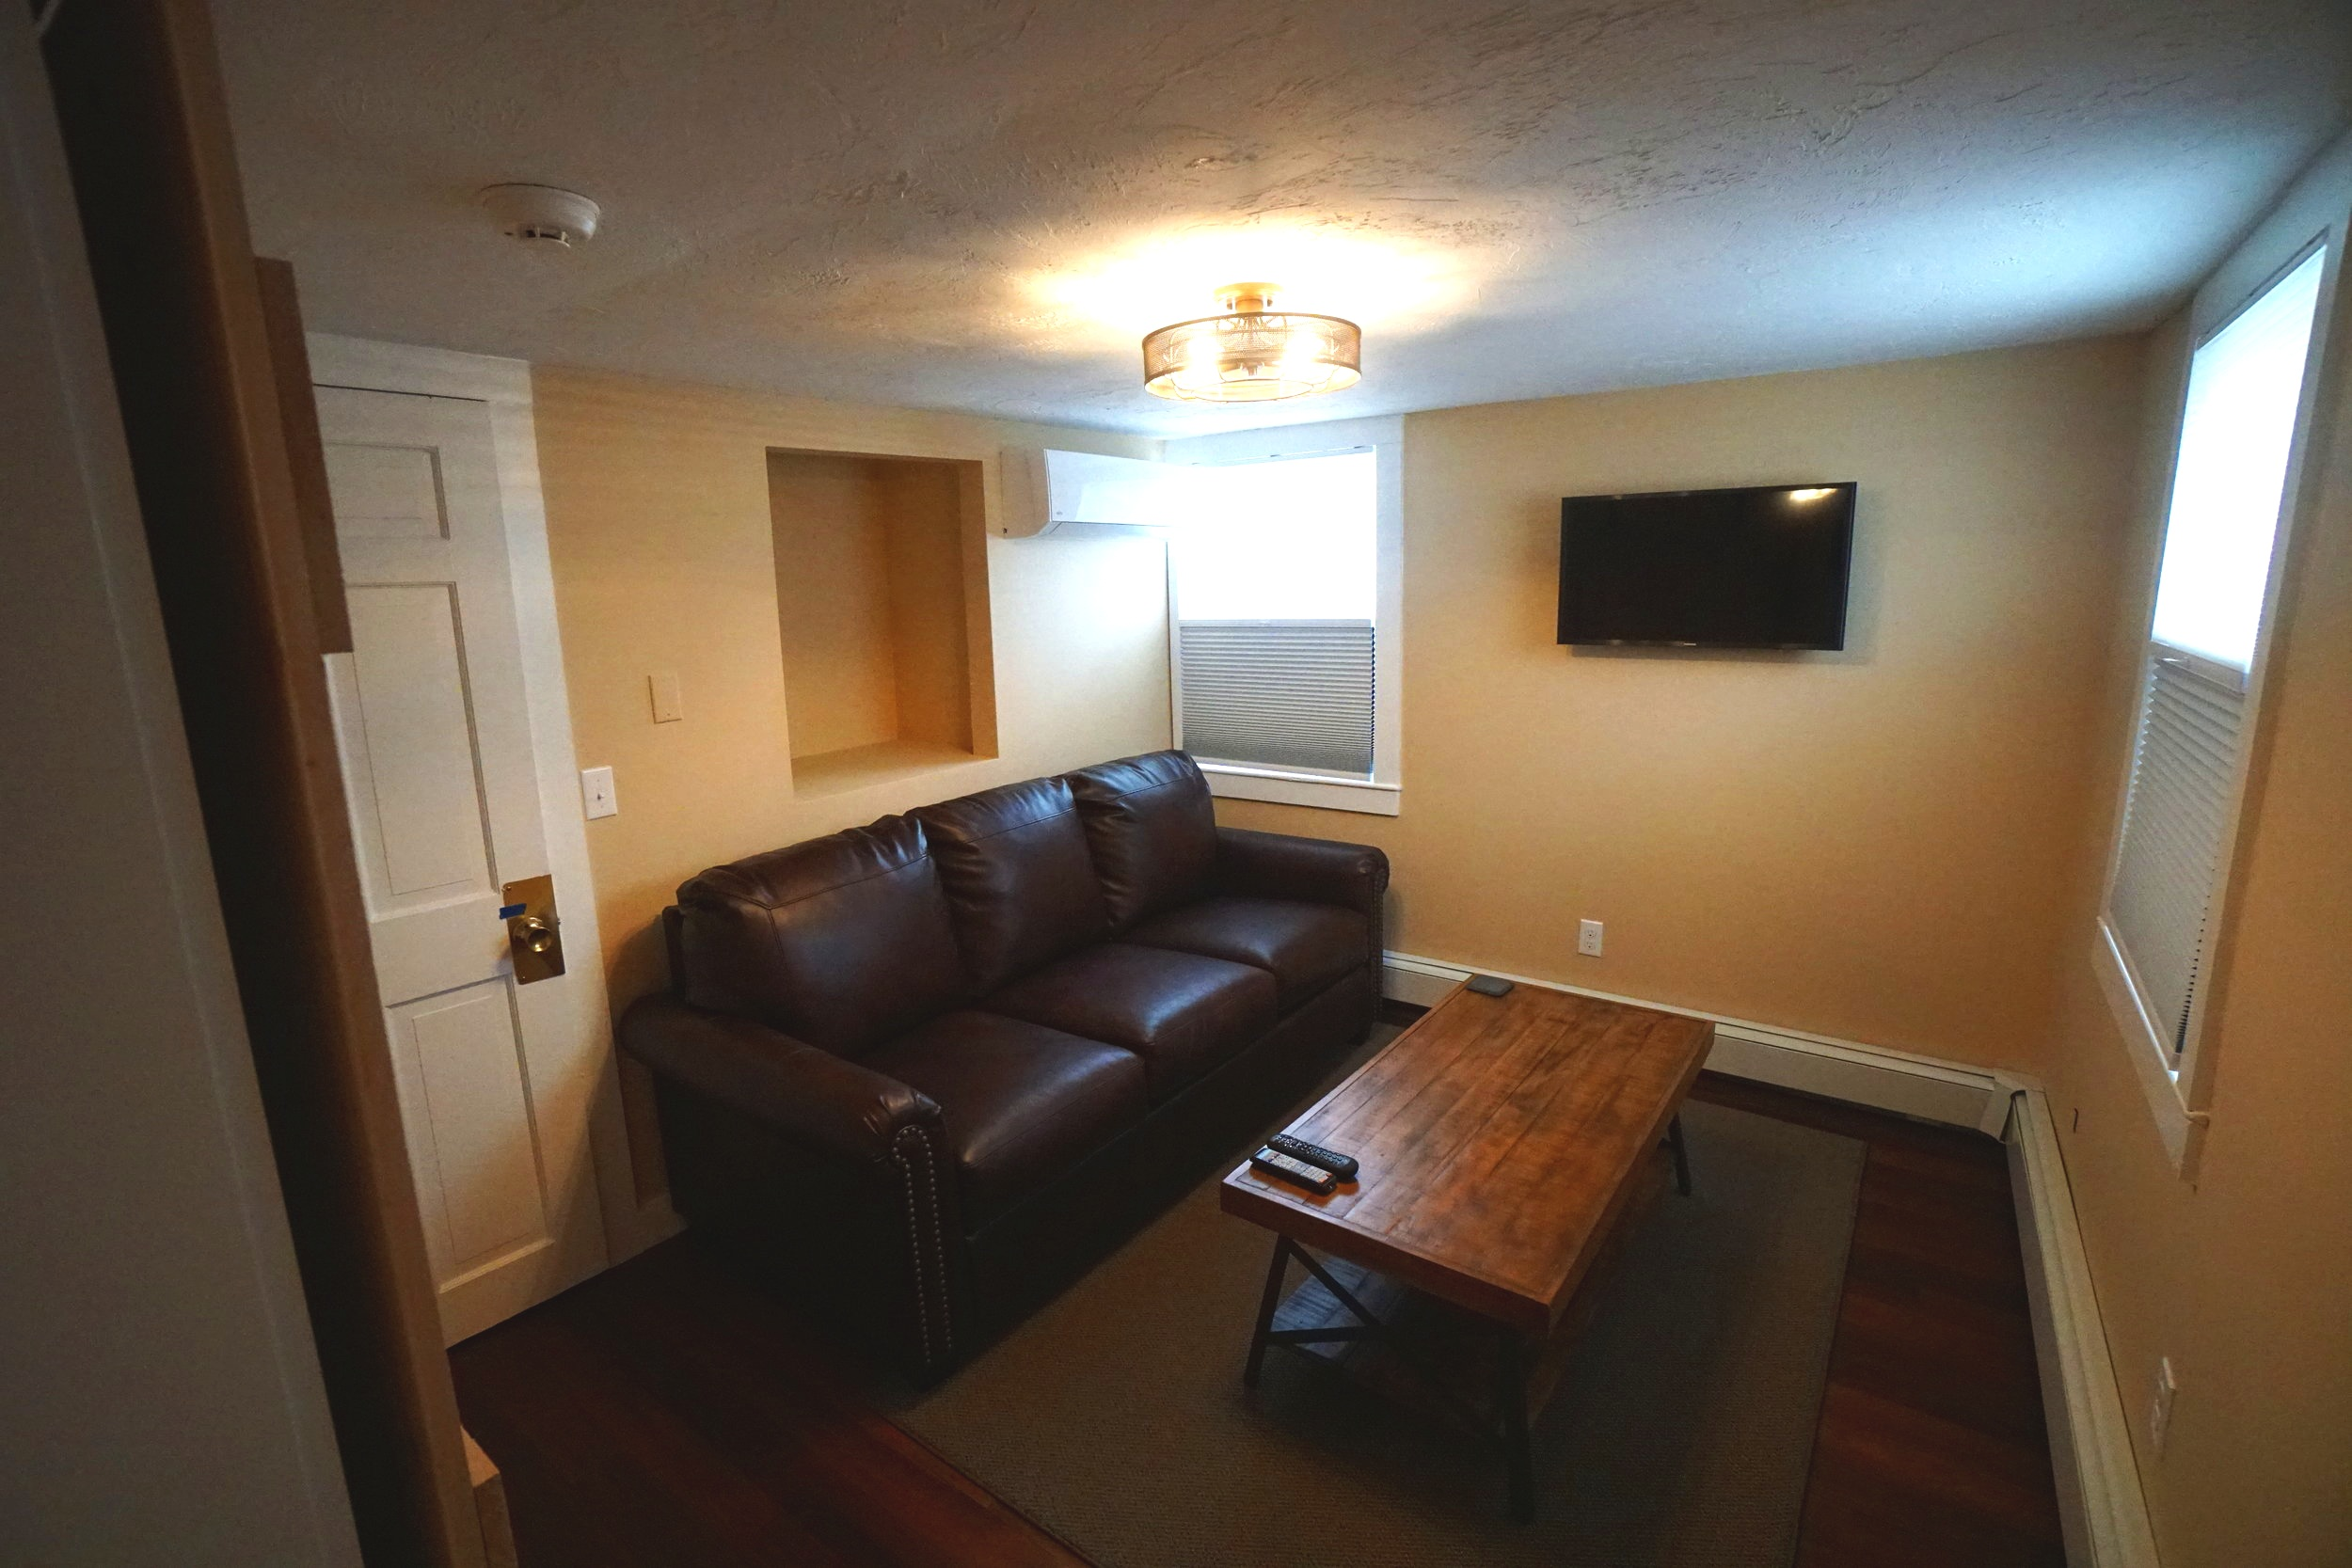 Sea Street Inn - Suite One - Sitting Room 2.JPG